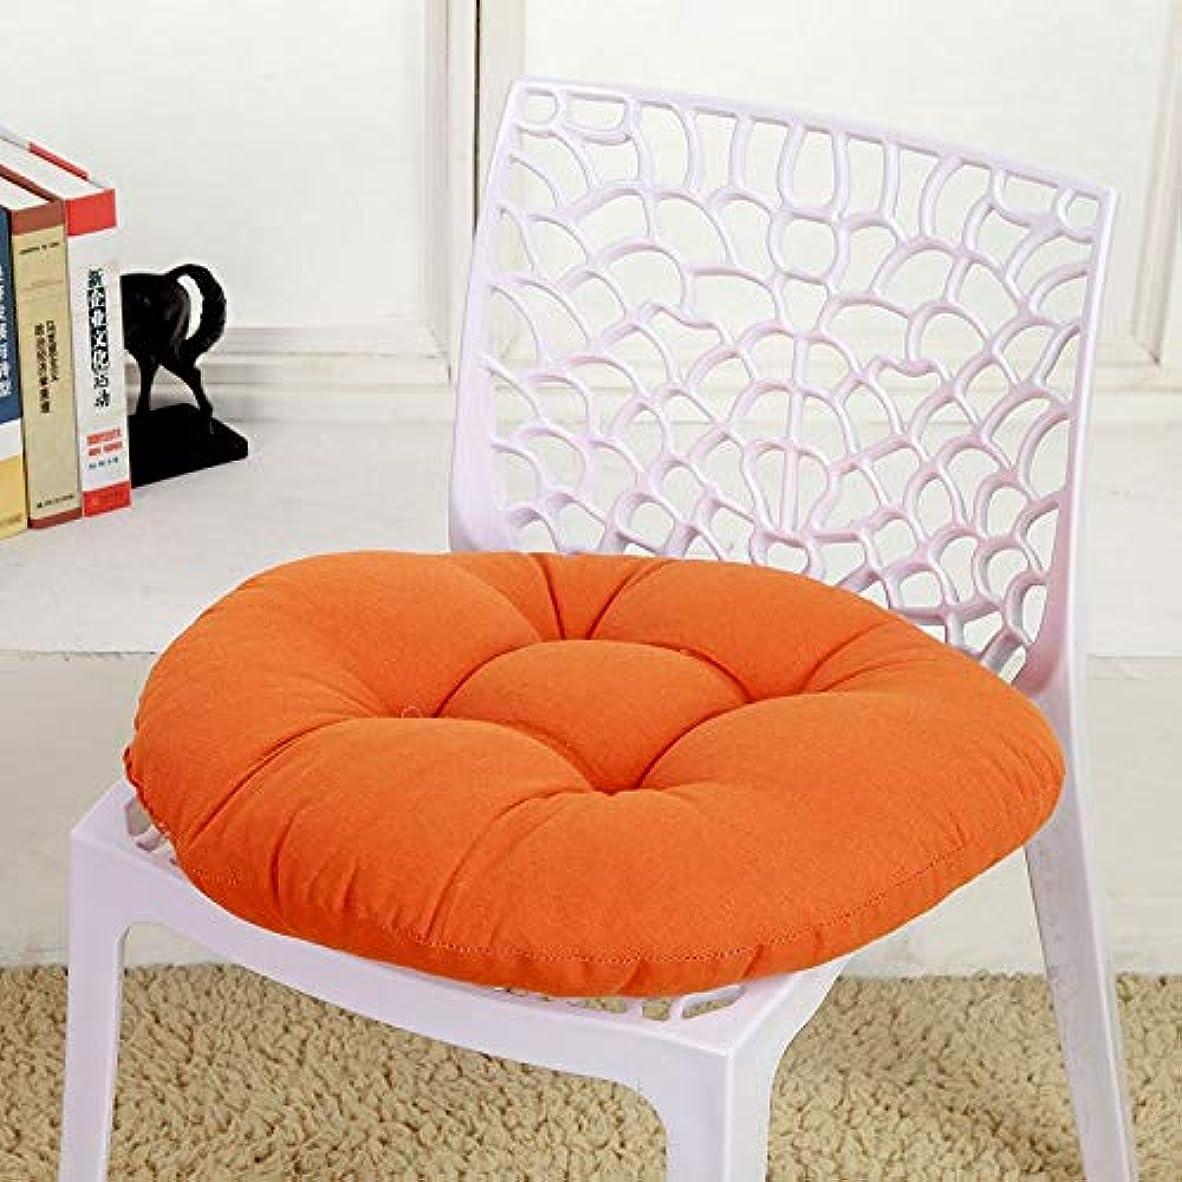 発明する麦芽ミシンSMART キャンディカラーのクッションラウンドシートクッション波ウィンドウシートクッションクッション家の装飾パッドラウンド枕シート枕椅子座る枕 クッション 椅子